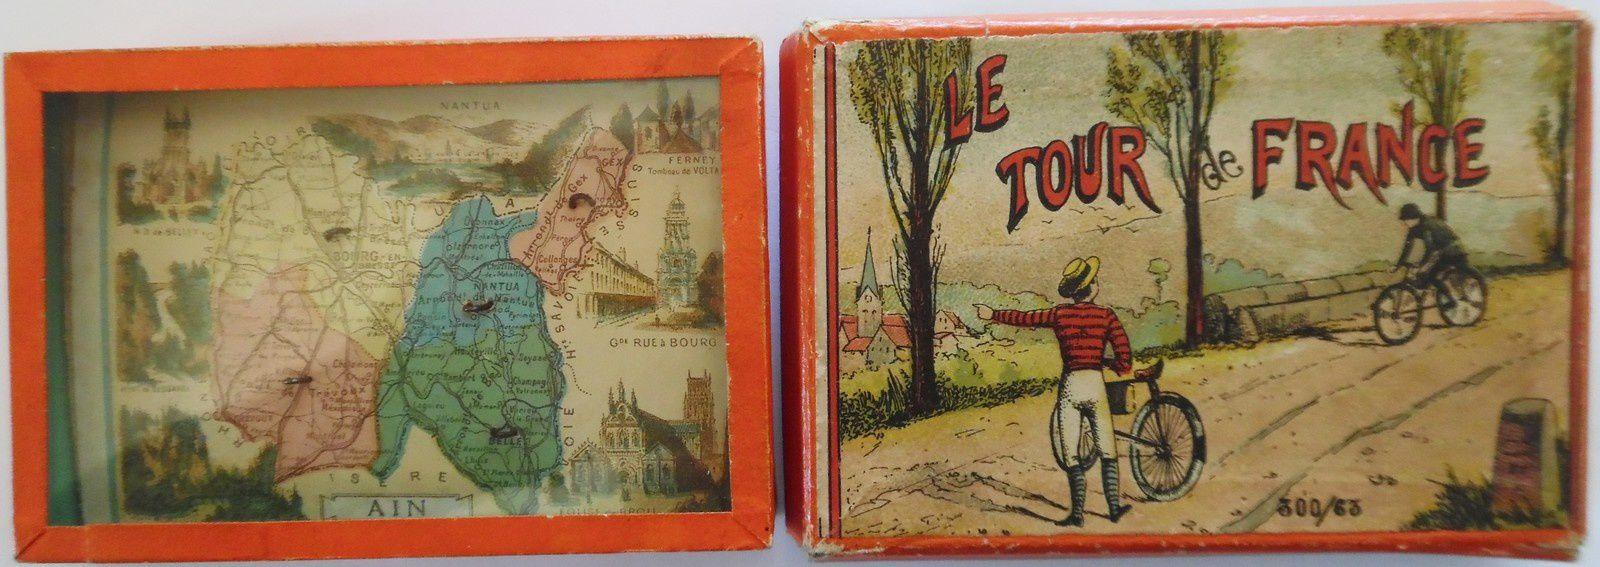 le tour de France 300-63